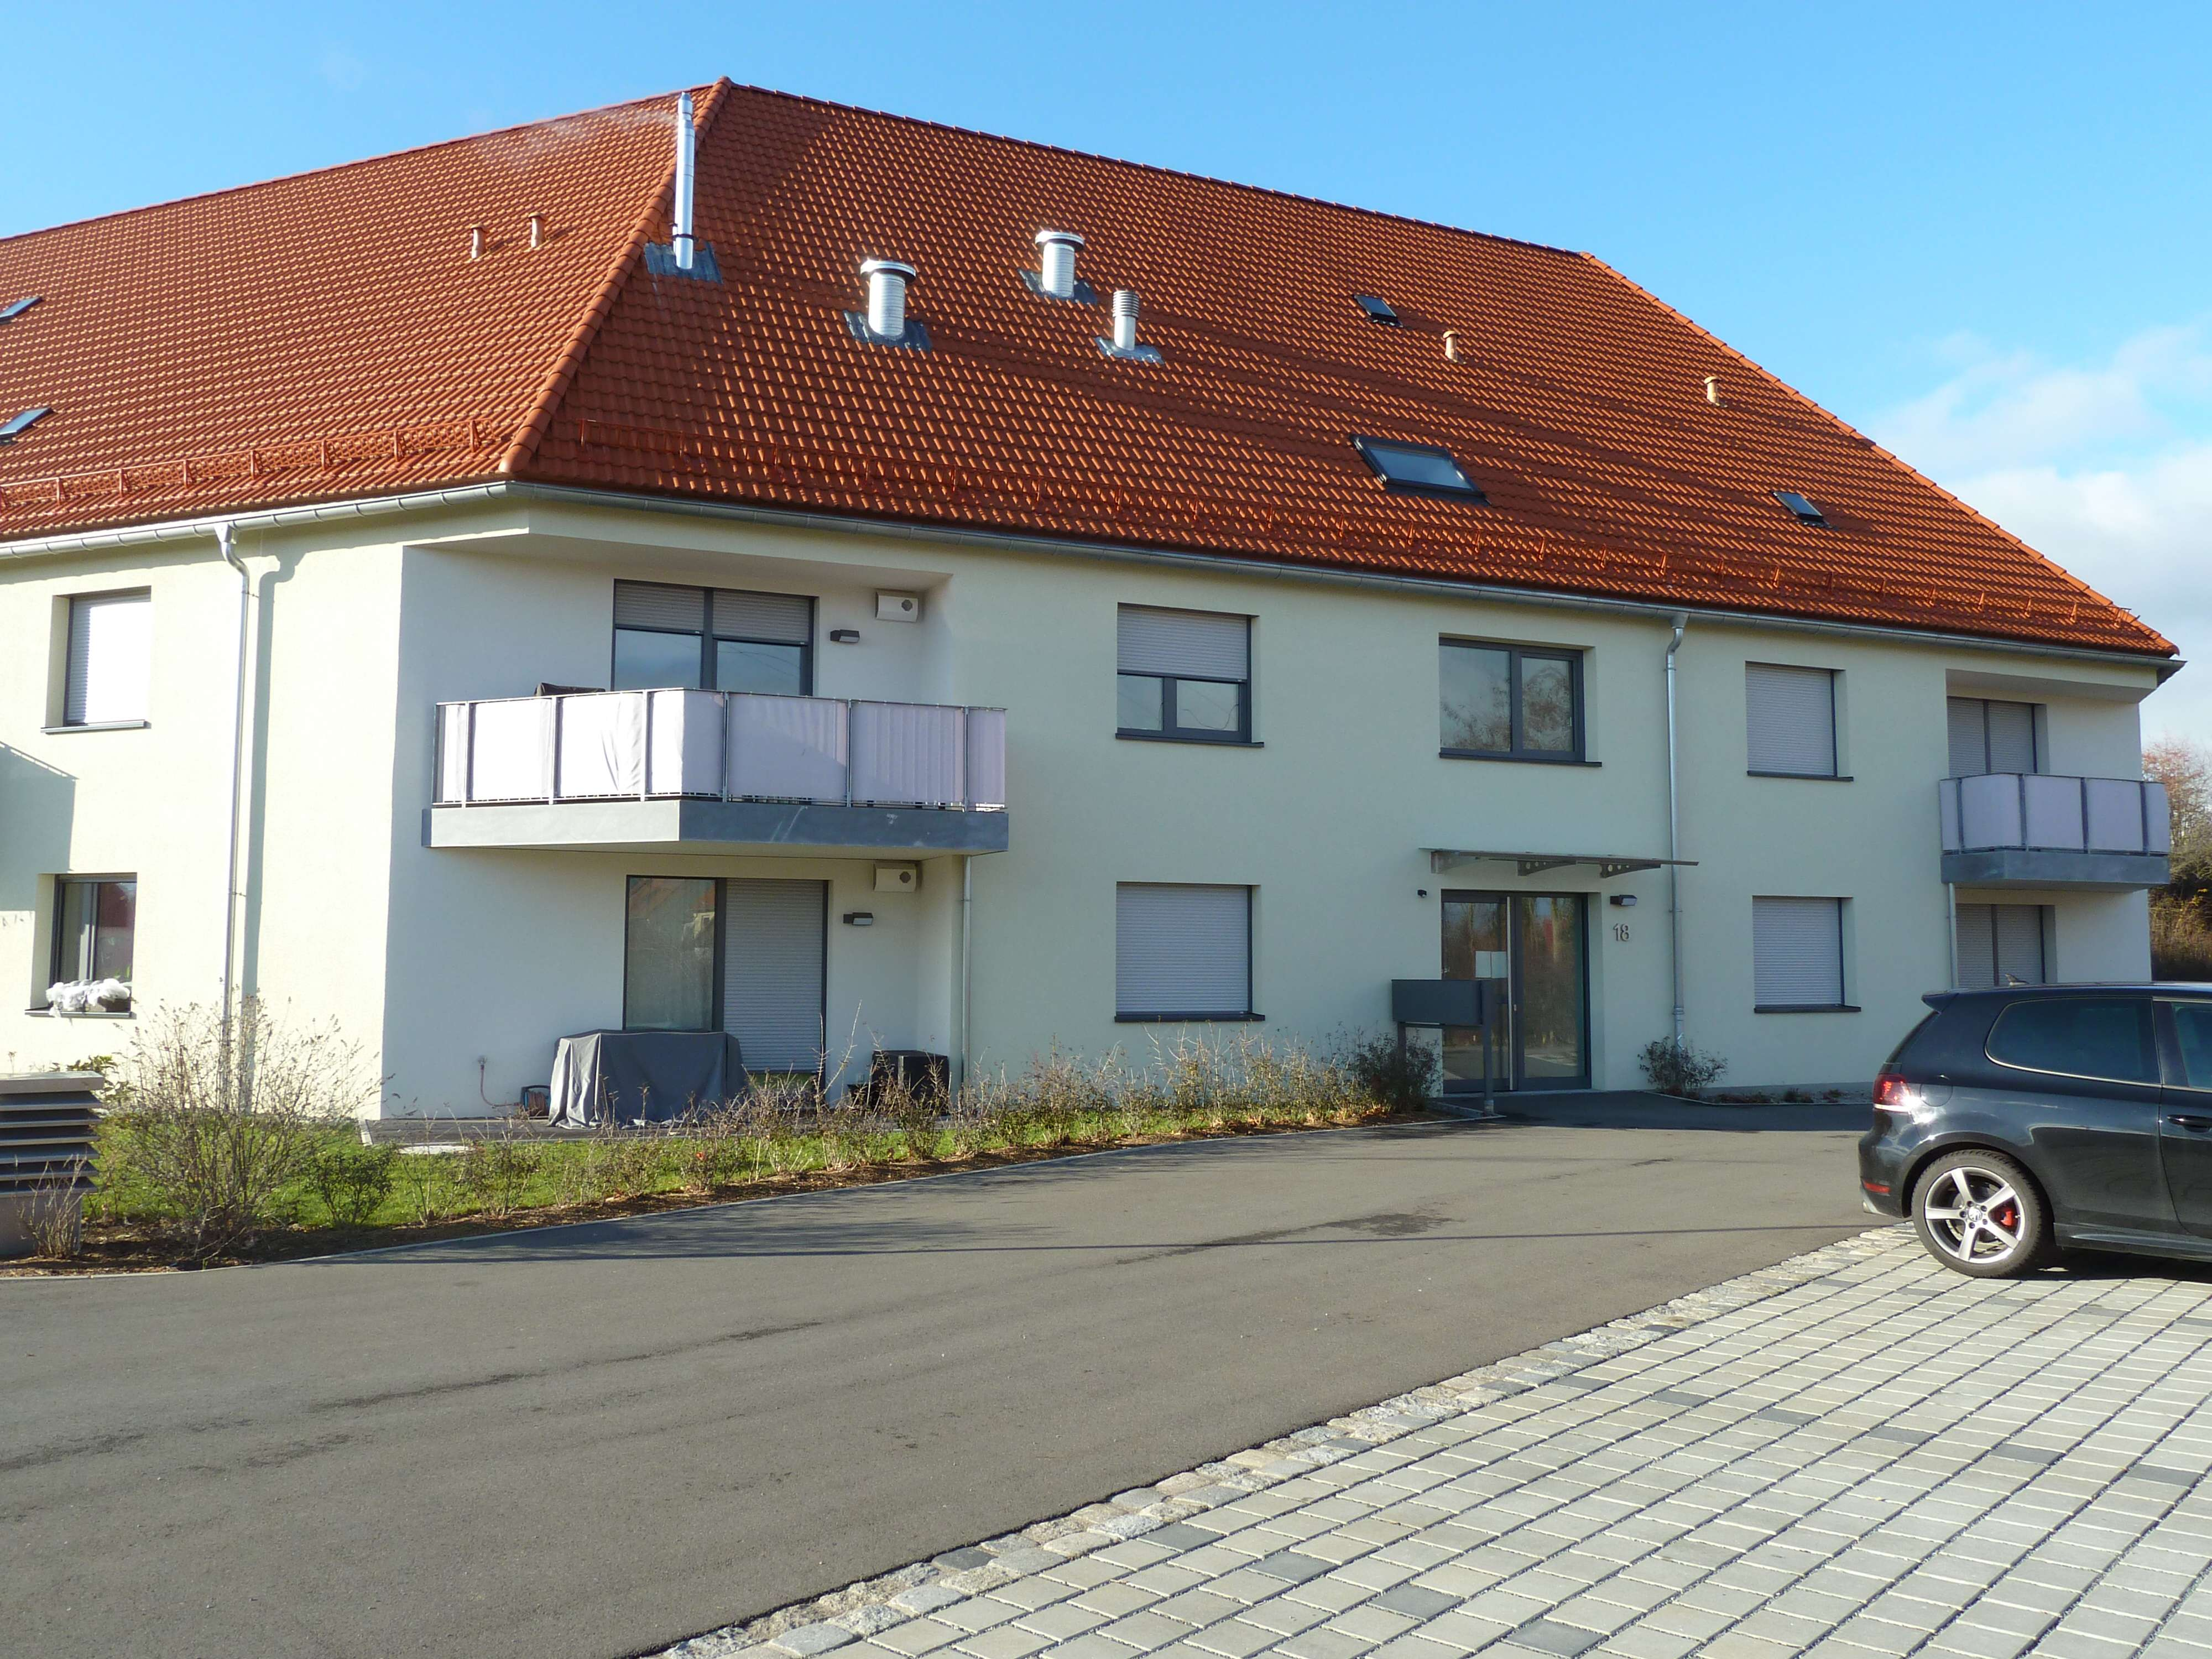 2-Zimmer-Terrassenwohnung in Baiersdorf in Baiersdorf